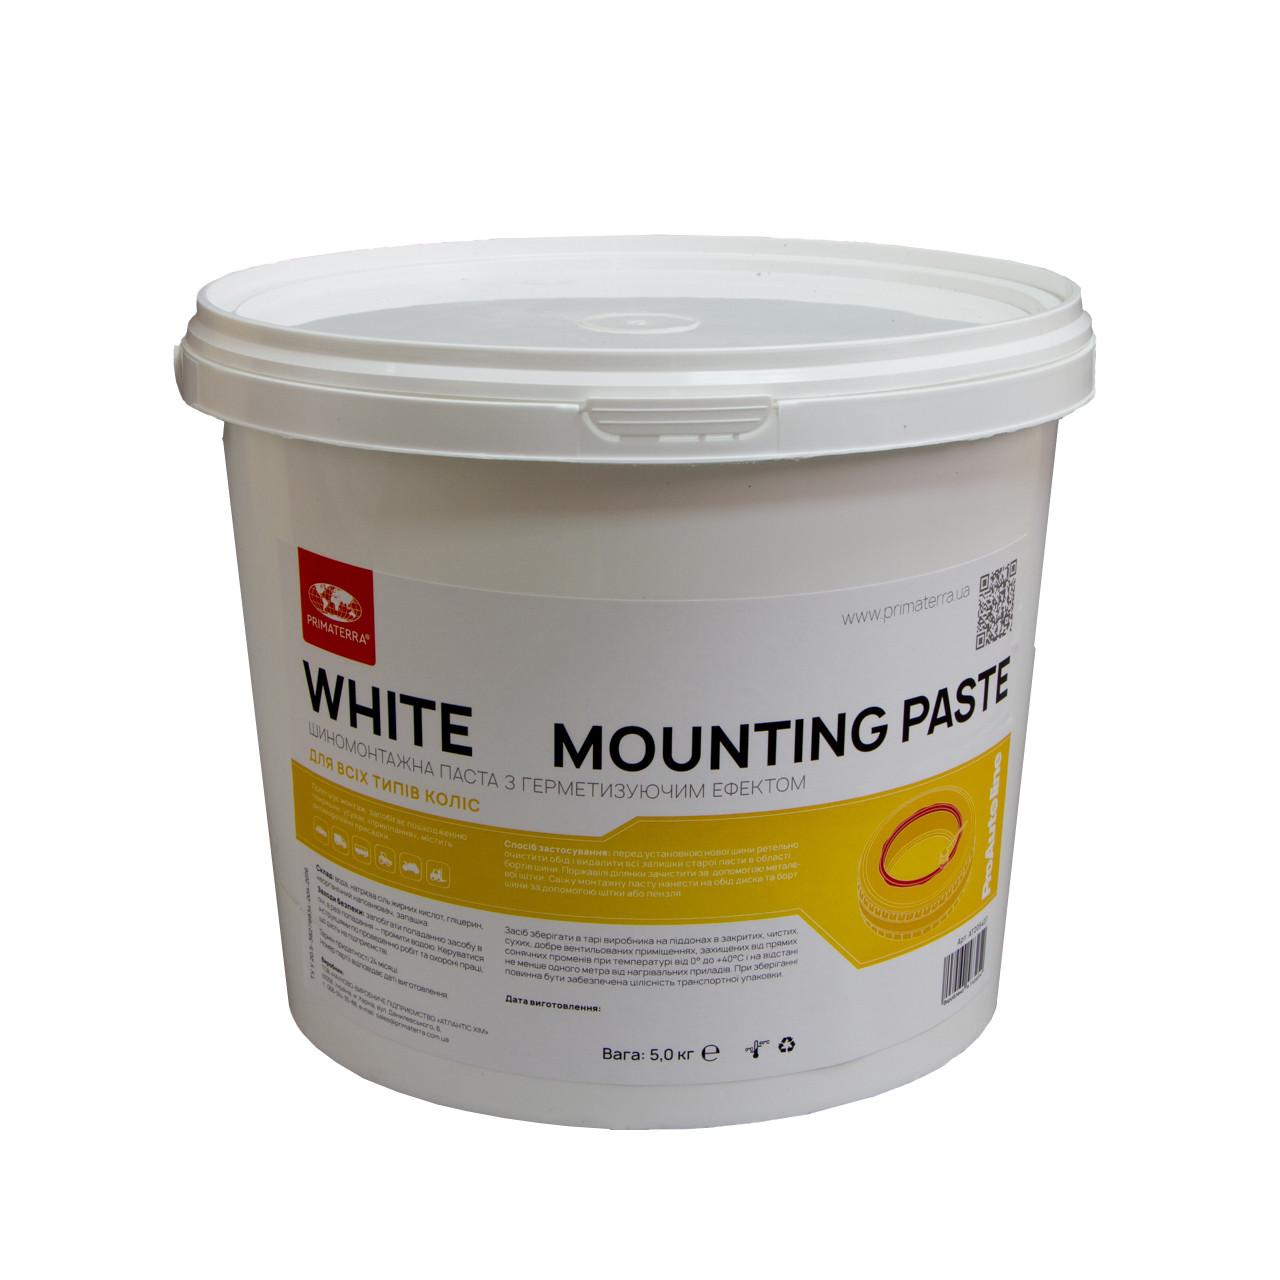 Шиномонтажная паста WHITE (БЕЛАЯ, с герметизирующим эффектом, плотная), 5кг